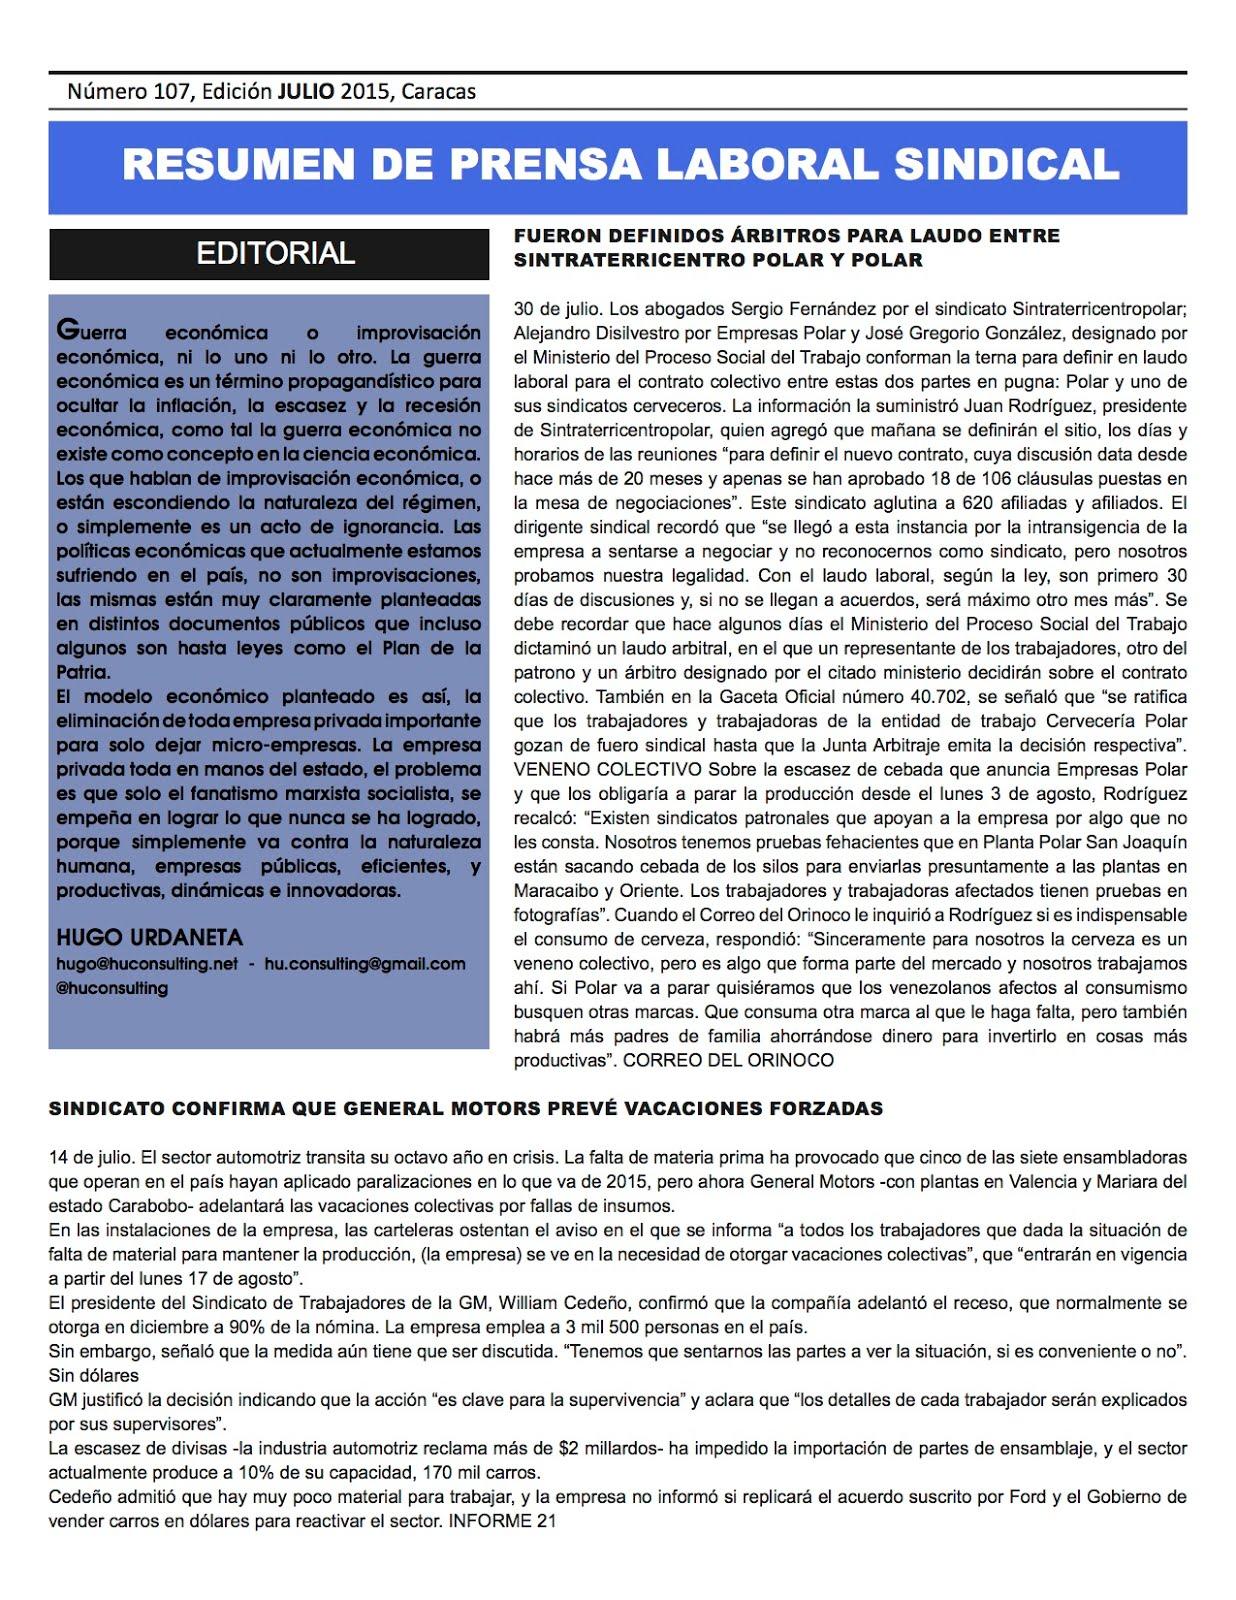 Resumen De Prensa Laboral Sindical Julio 2015